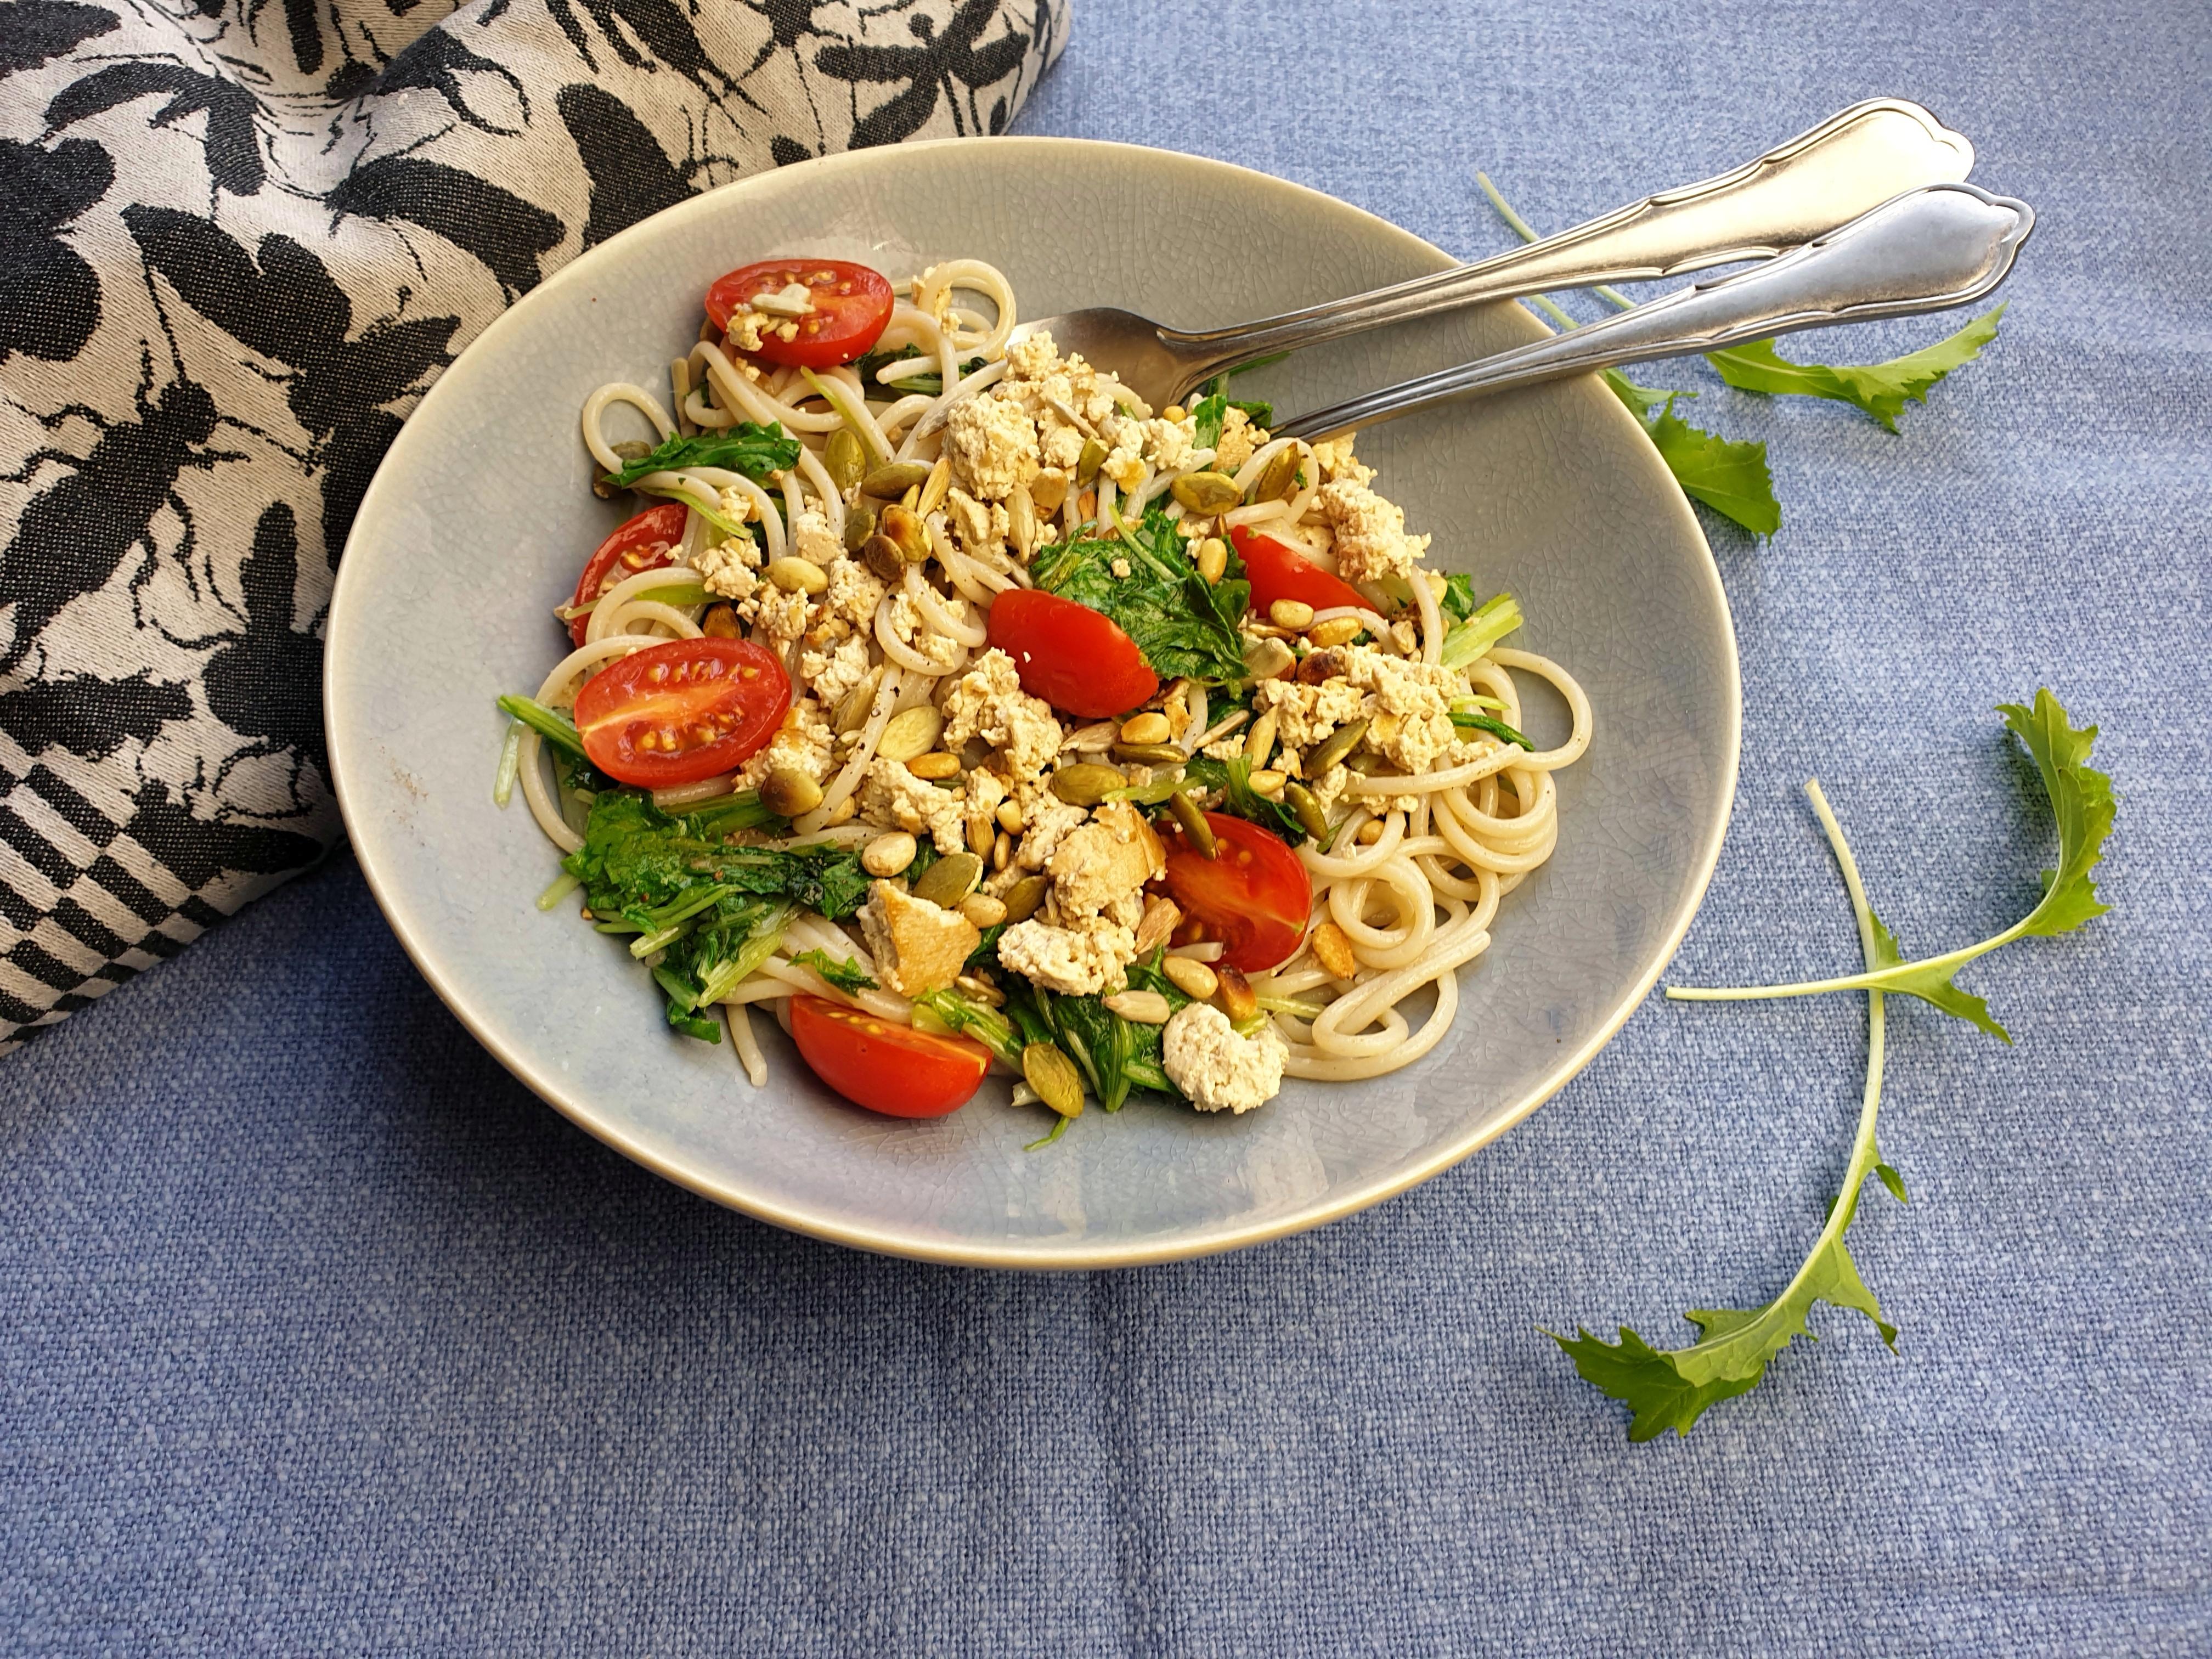 Uitgelichte foto voor het bericht Spaghetti met raapstelen, ansjovis en tomaat